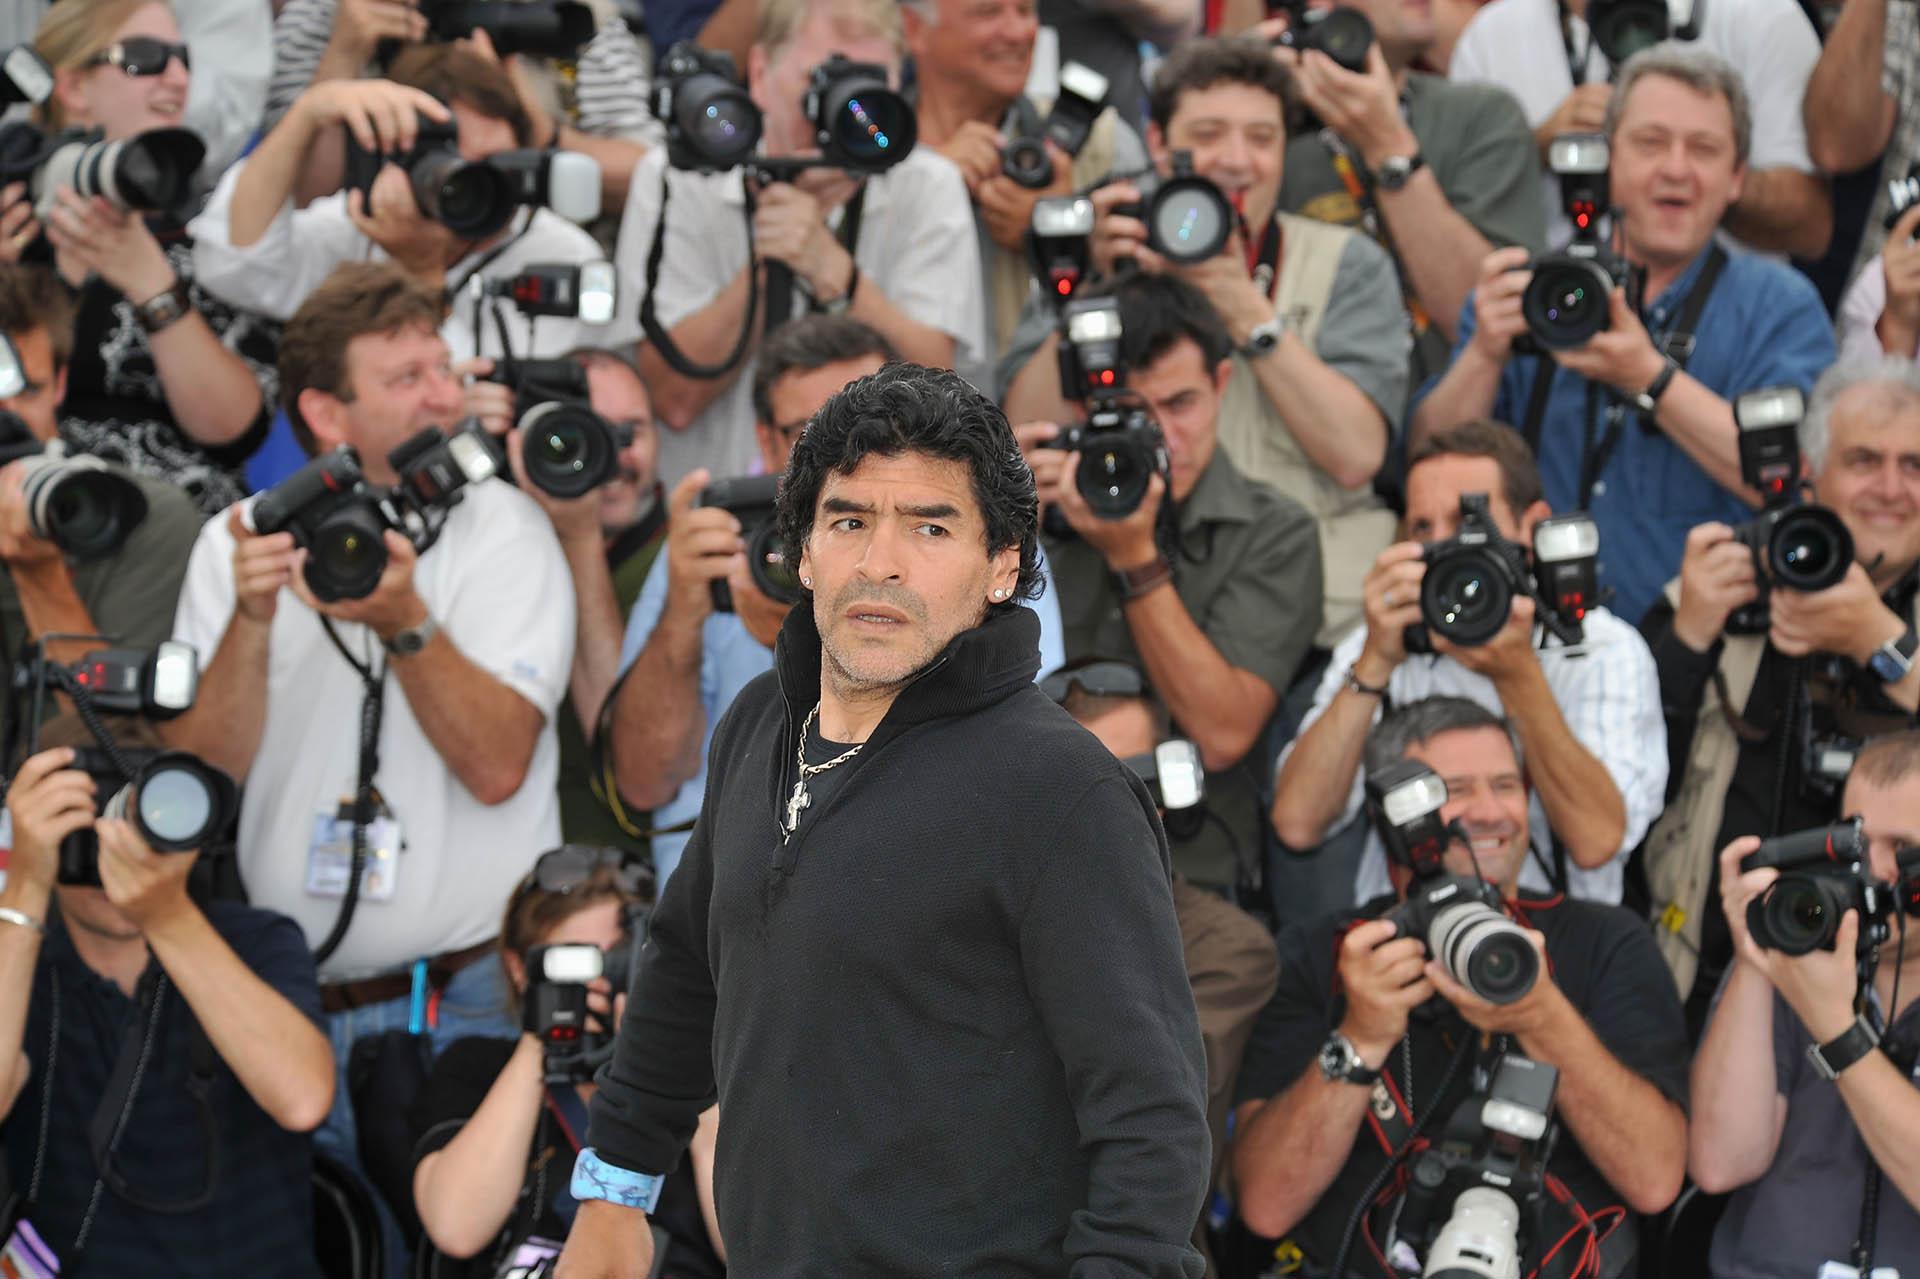 Todos los fotógrafos buscan la mejor foto de Diego Maradona, mientras desfila por la alfombra roja del festival de Cannes